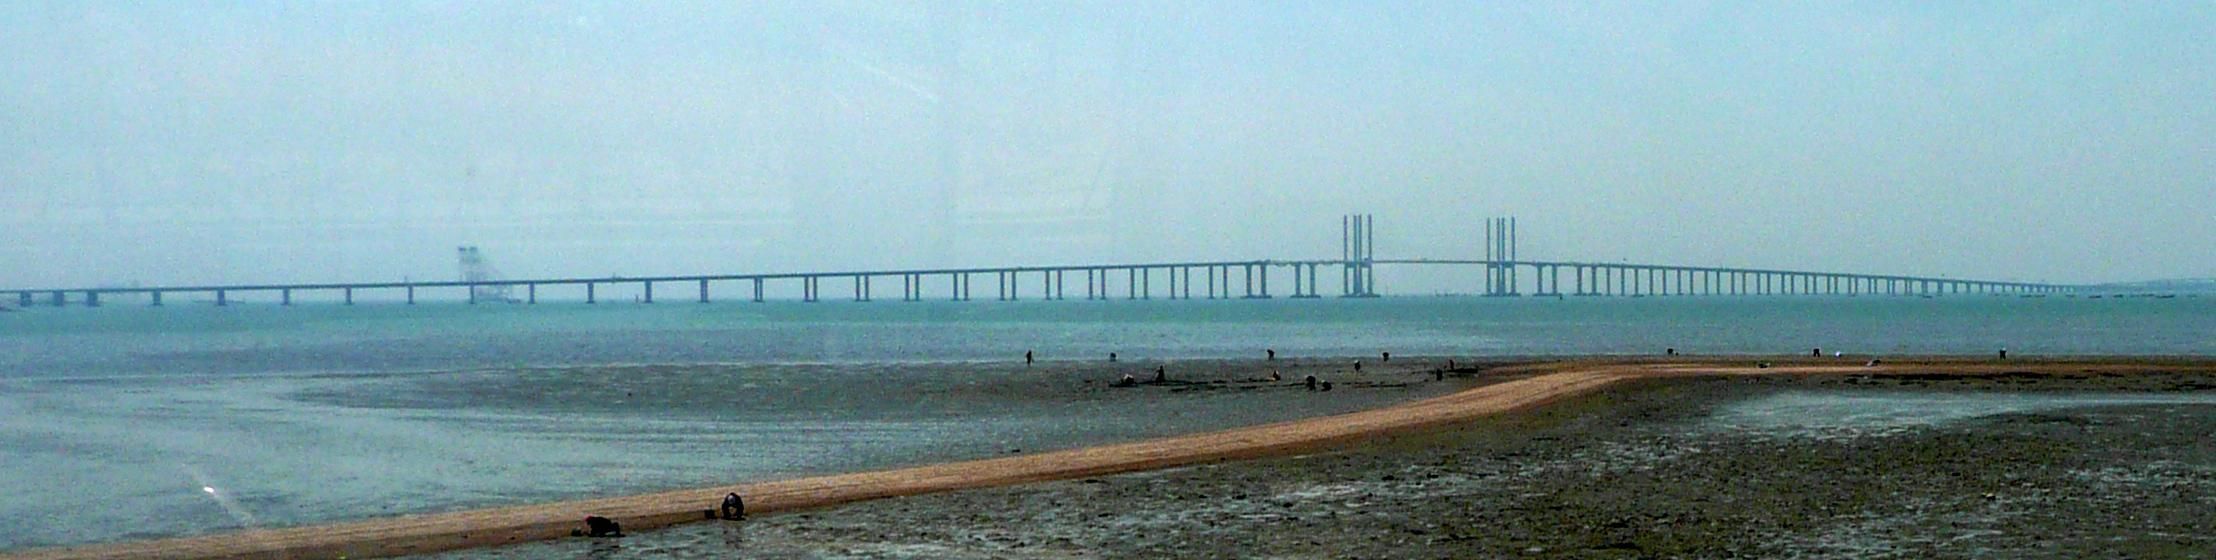 Puente de la bahía de Qingdao. B Gross